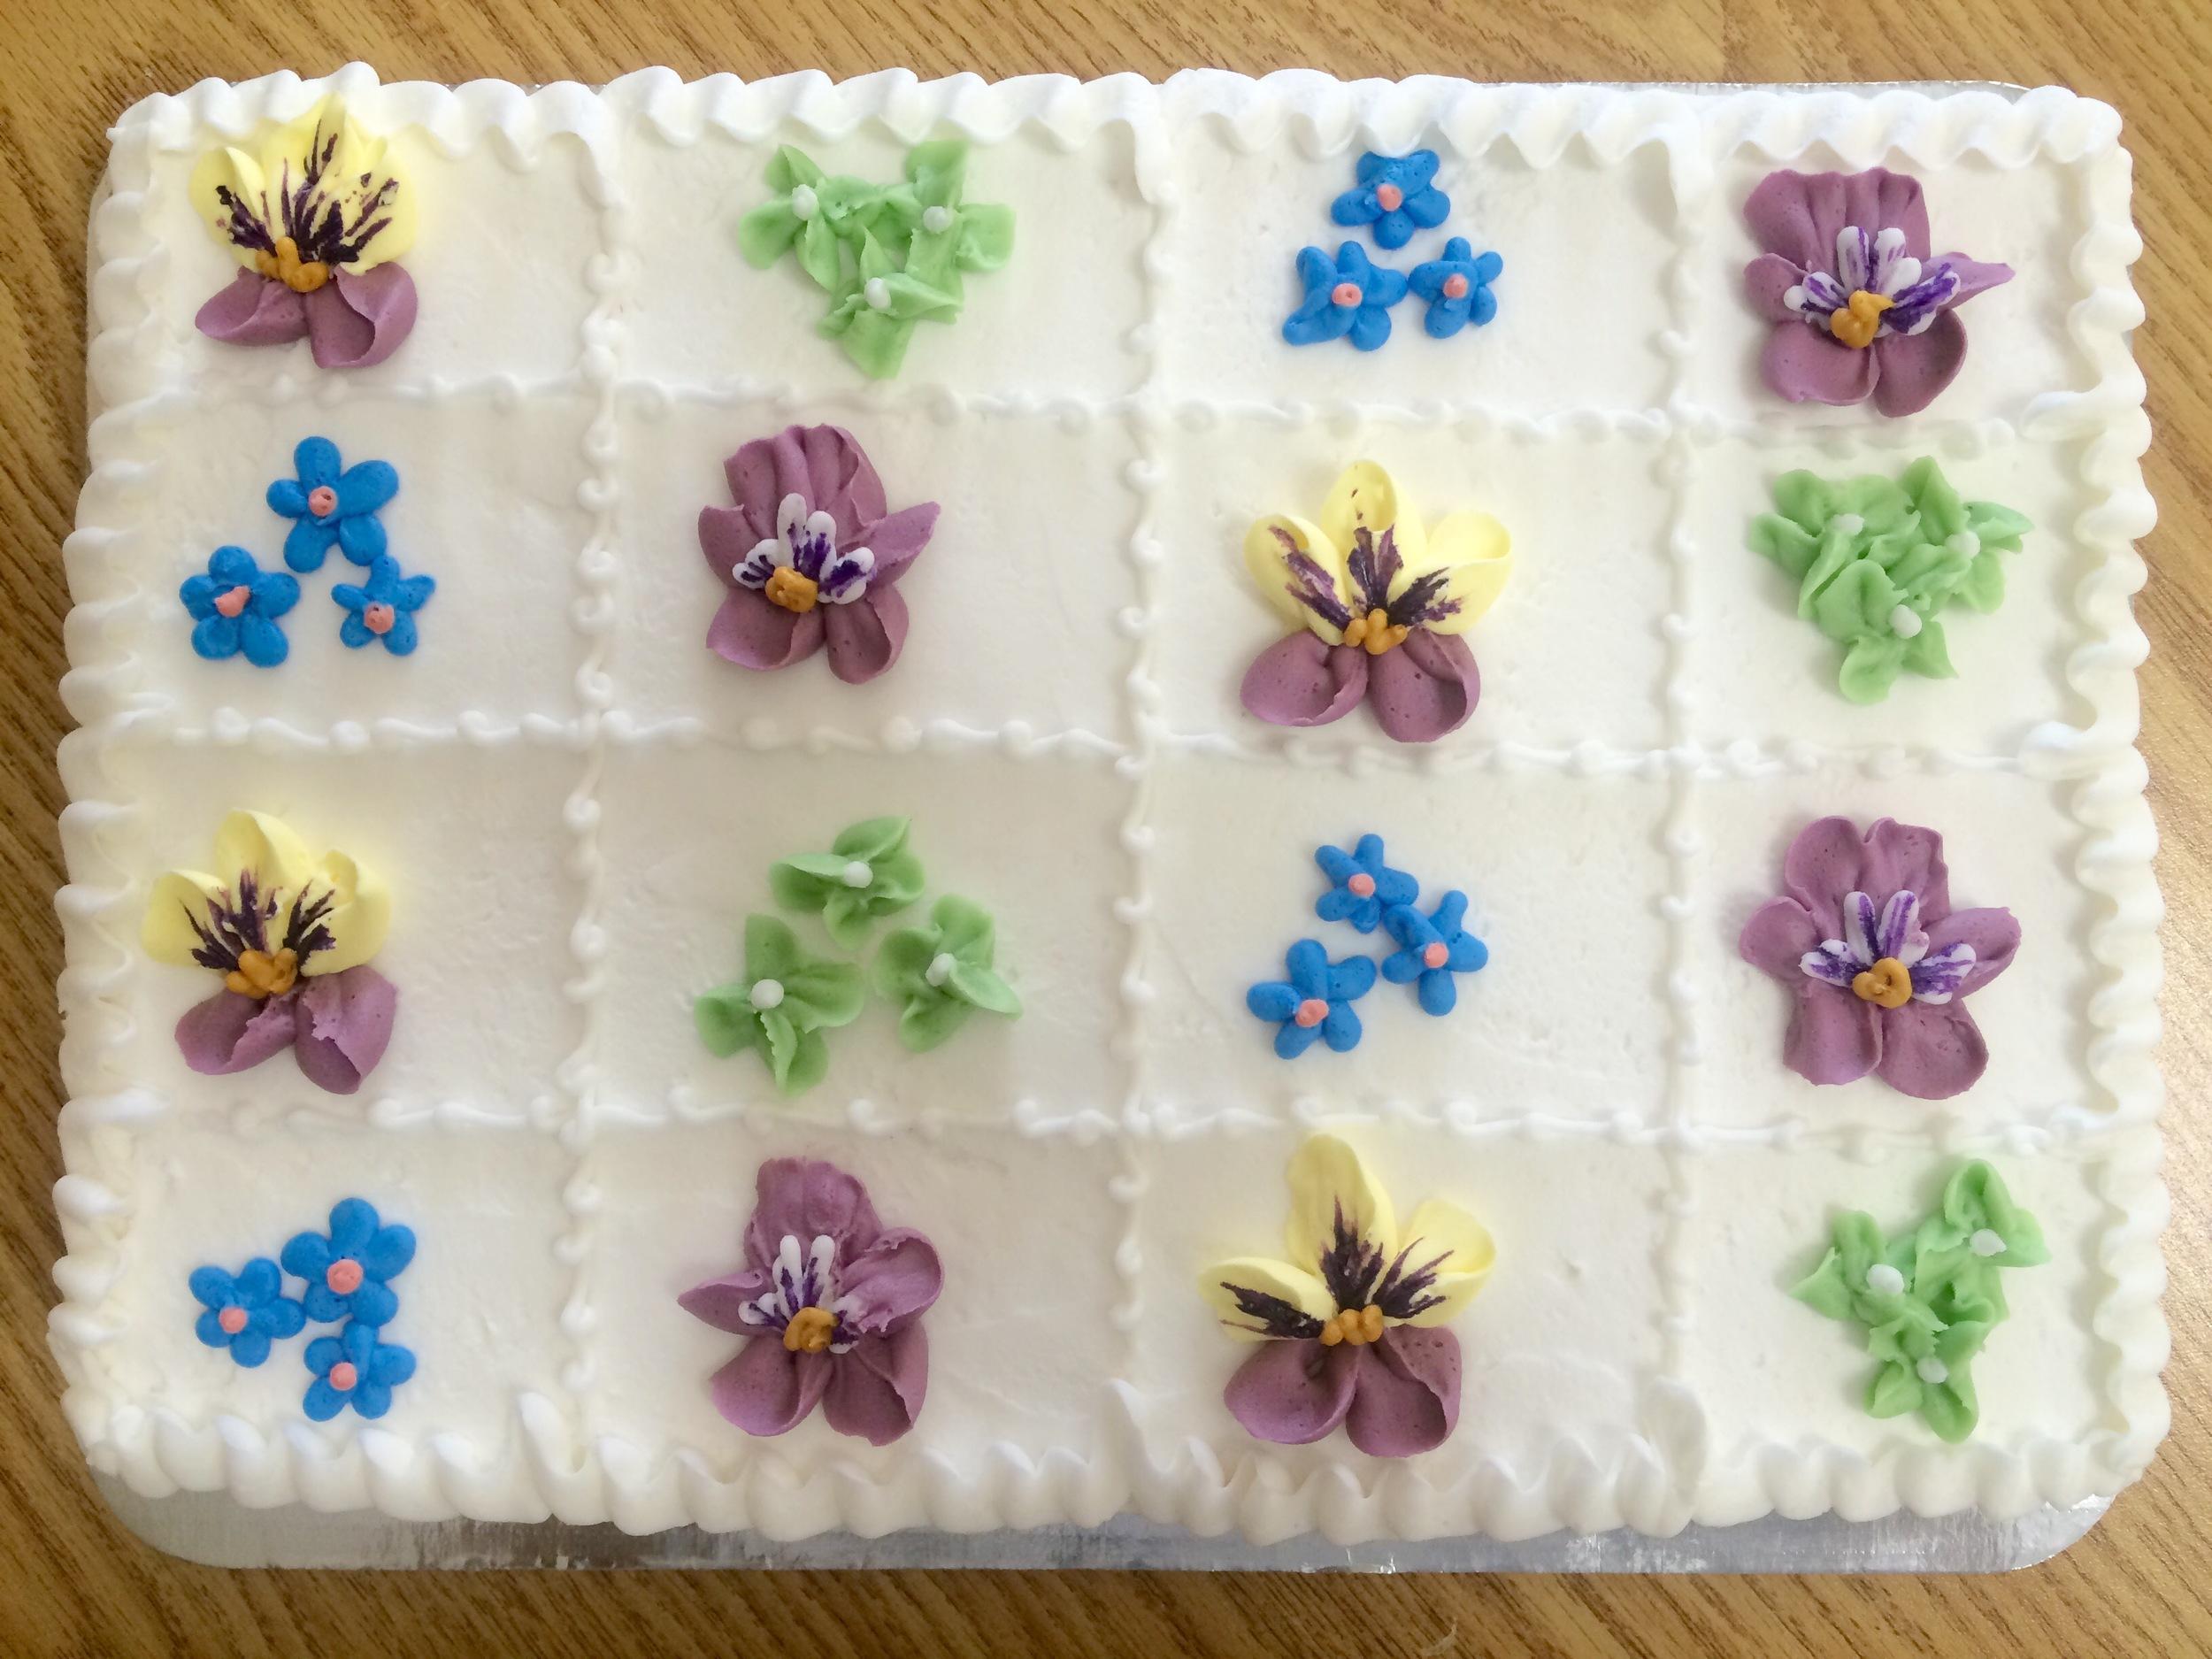 Pansies & Flowers, Scored